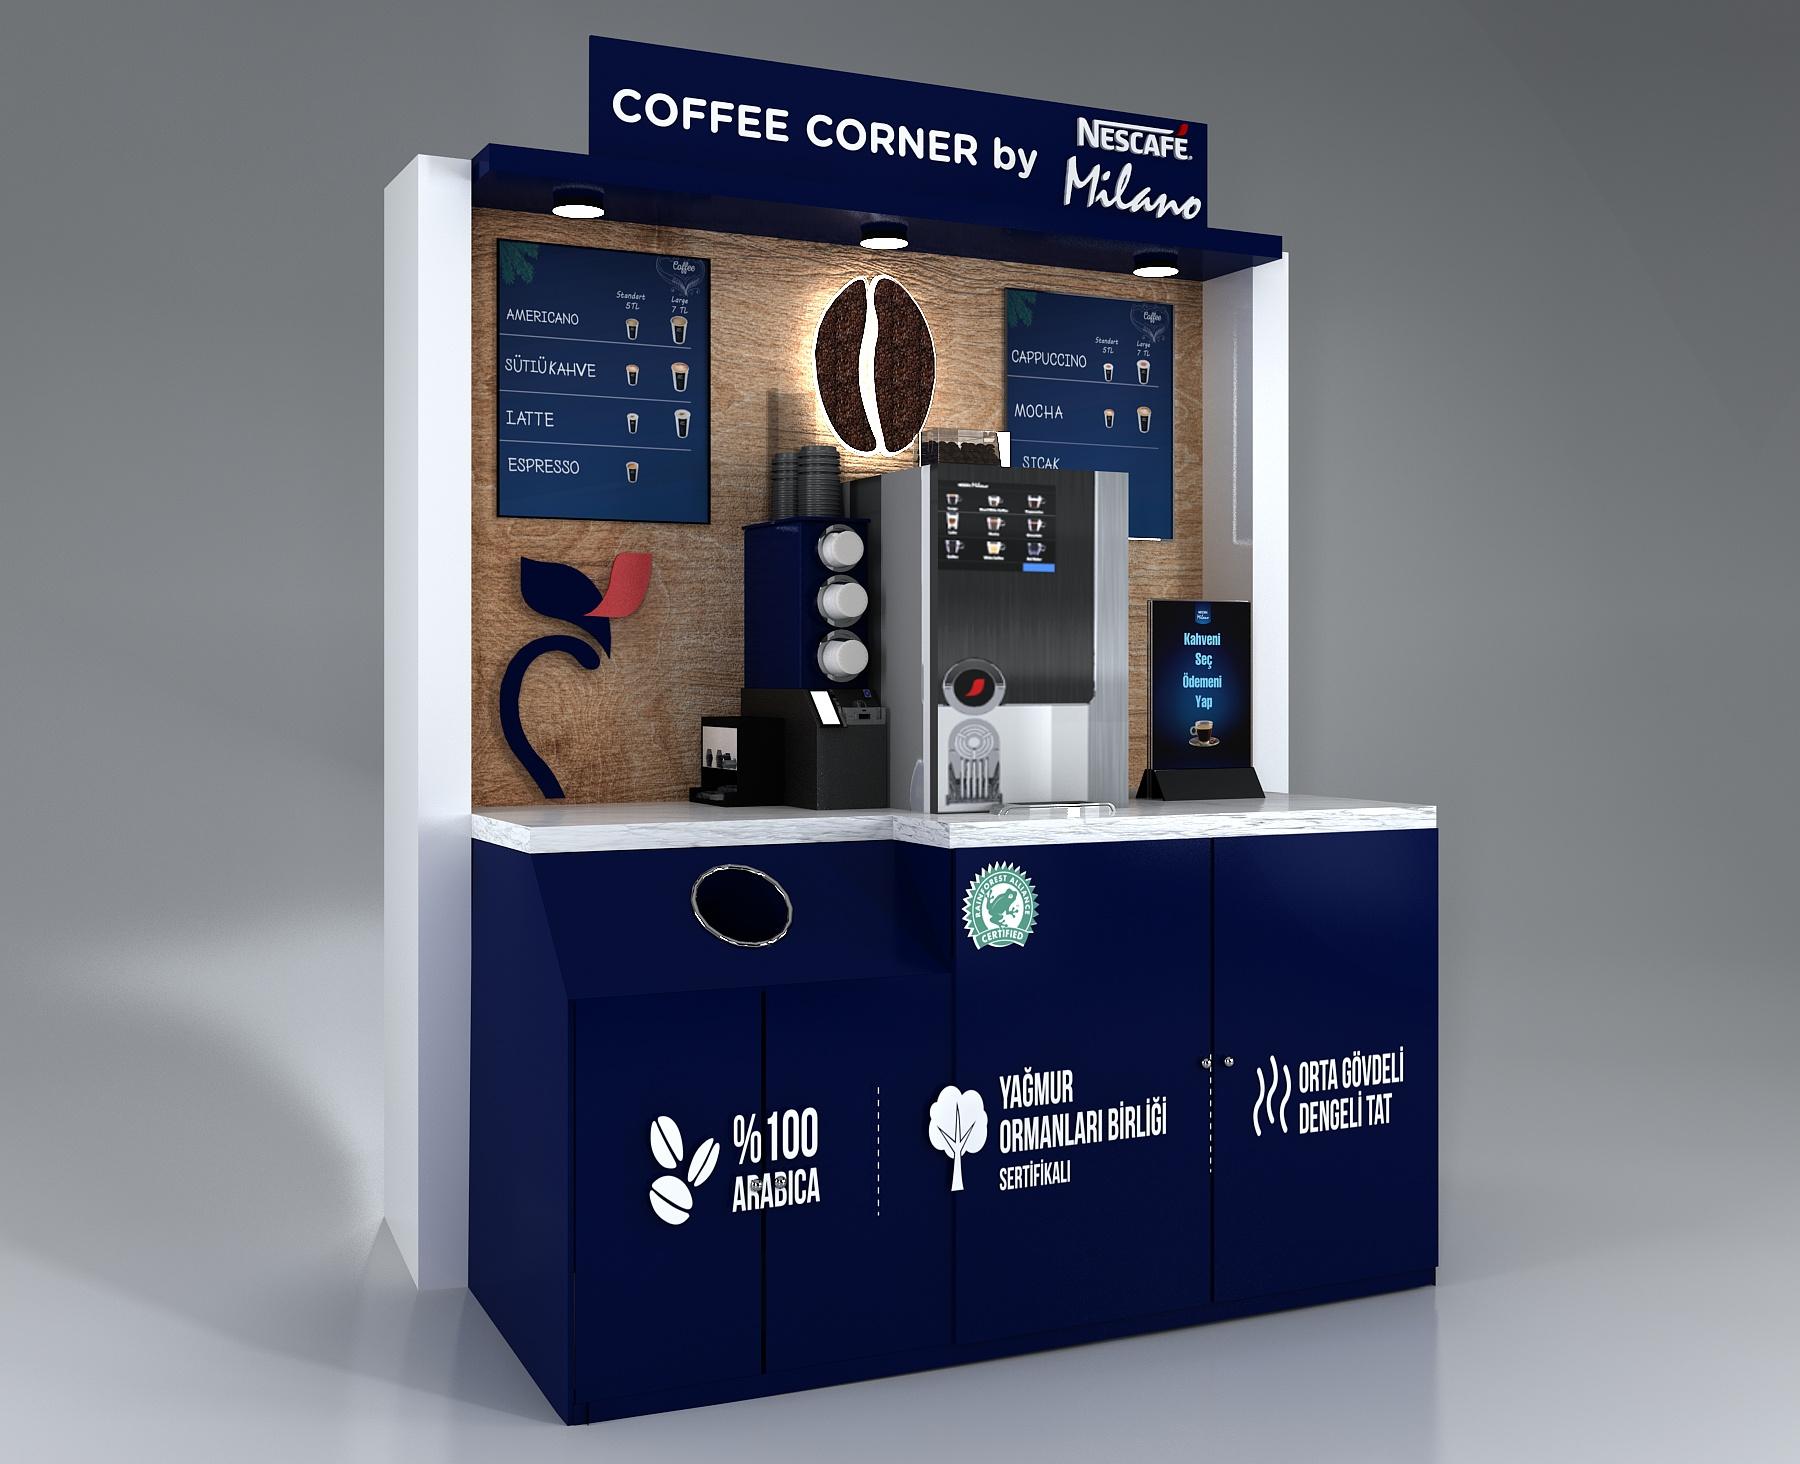 COFFEE CORNER by NESCAFÉ Milano ile  keyifli bir kahve molasına ne dersiniz?